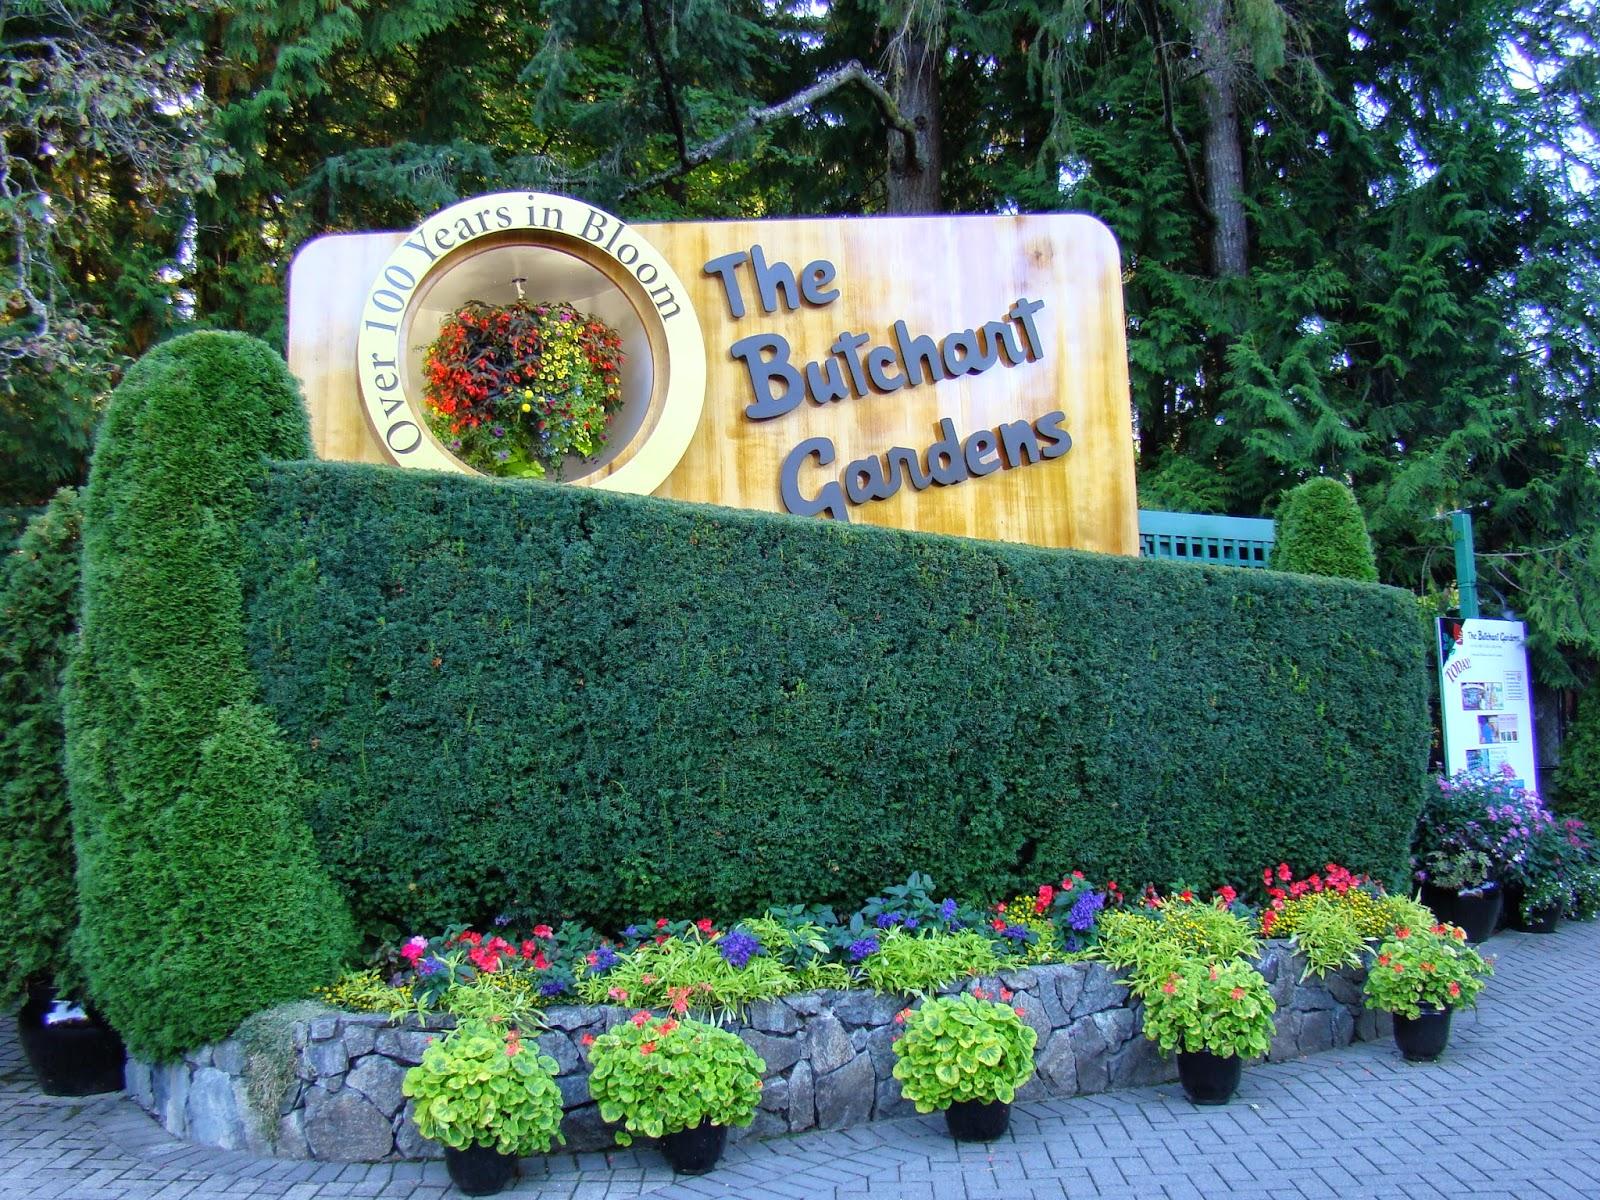 Вход в сады Бутчарт